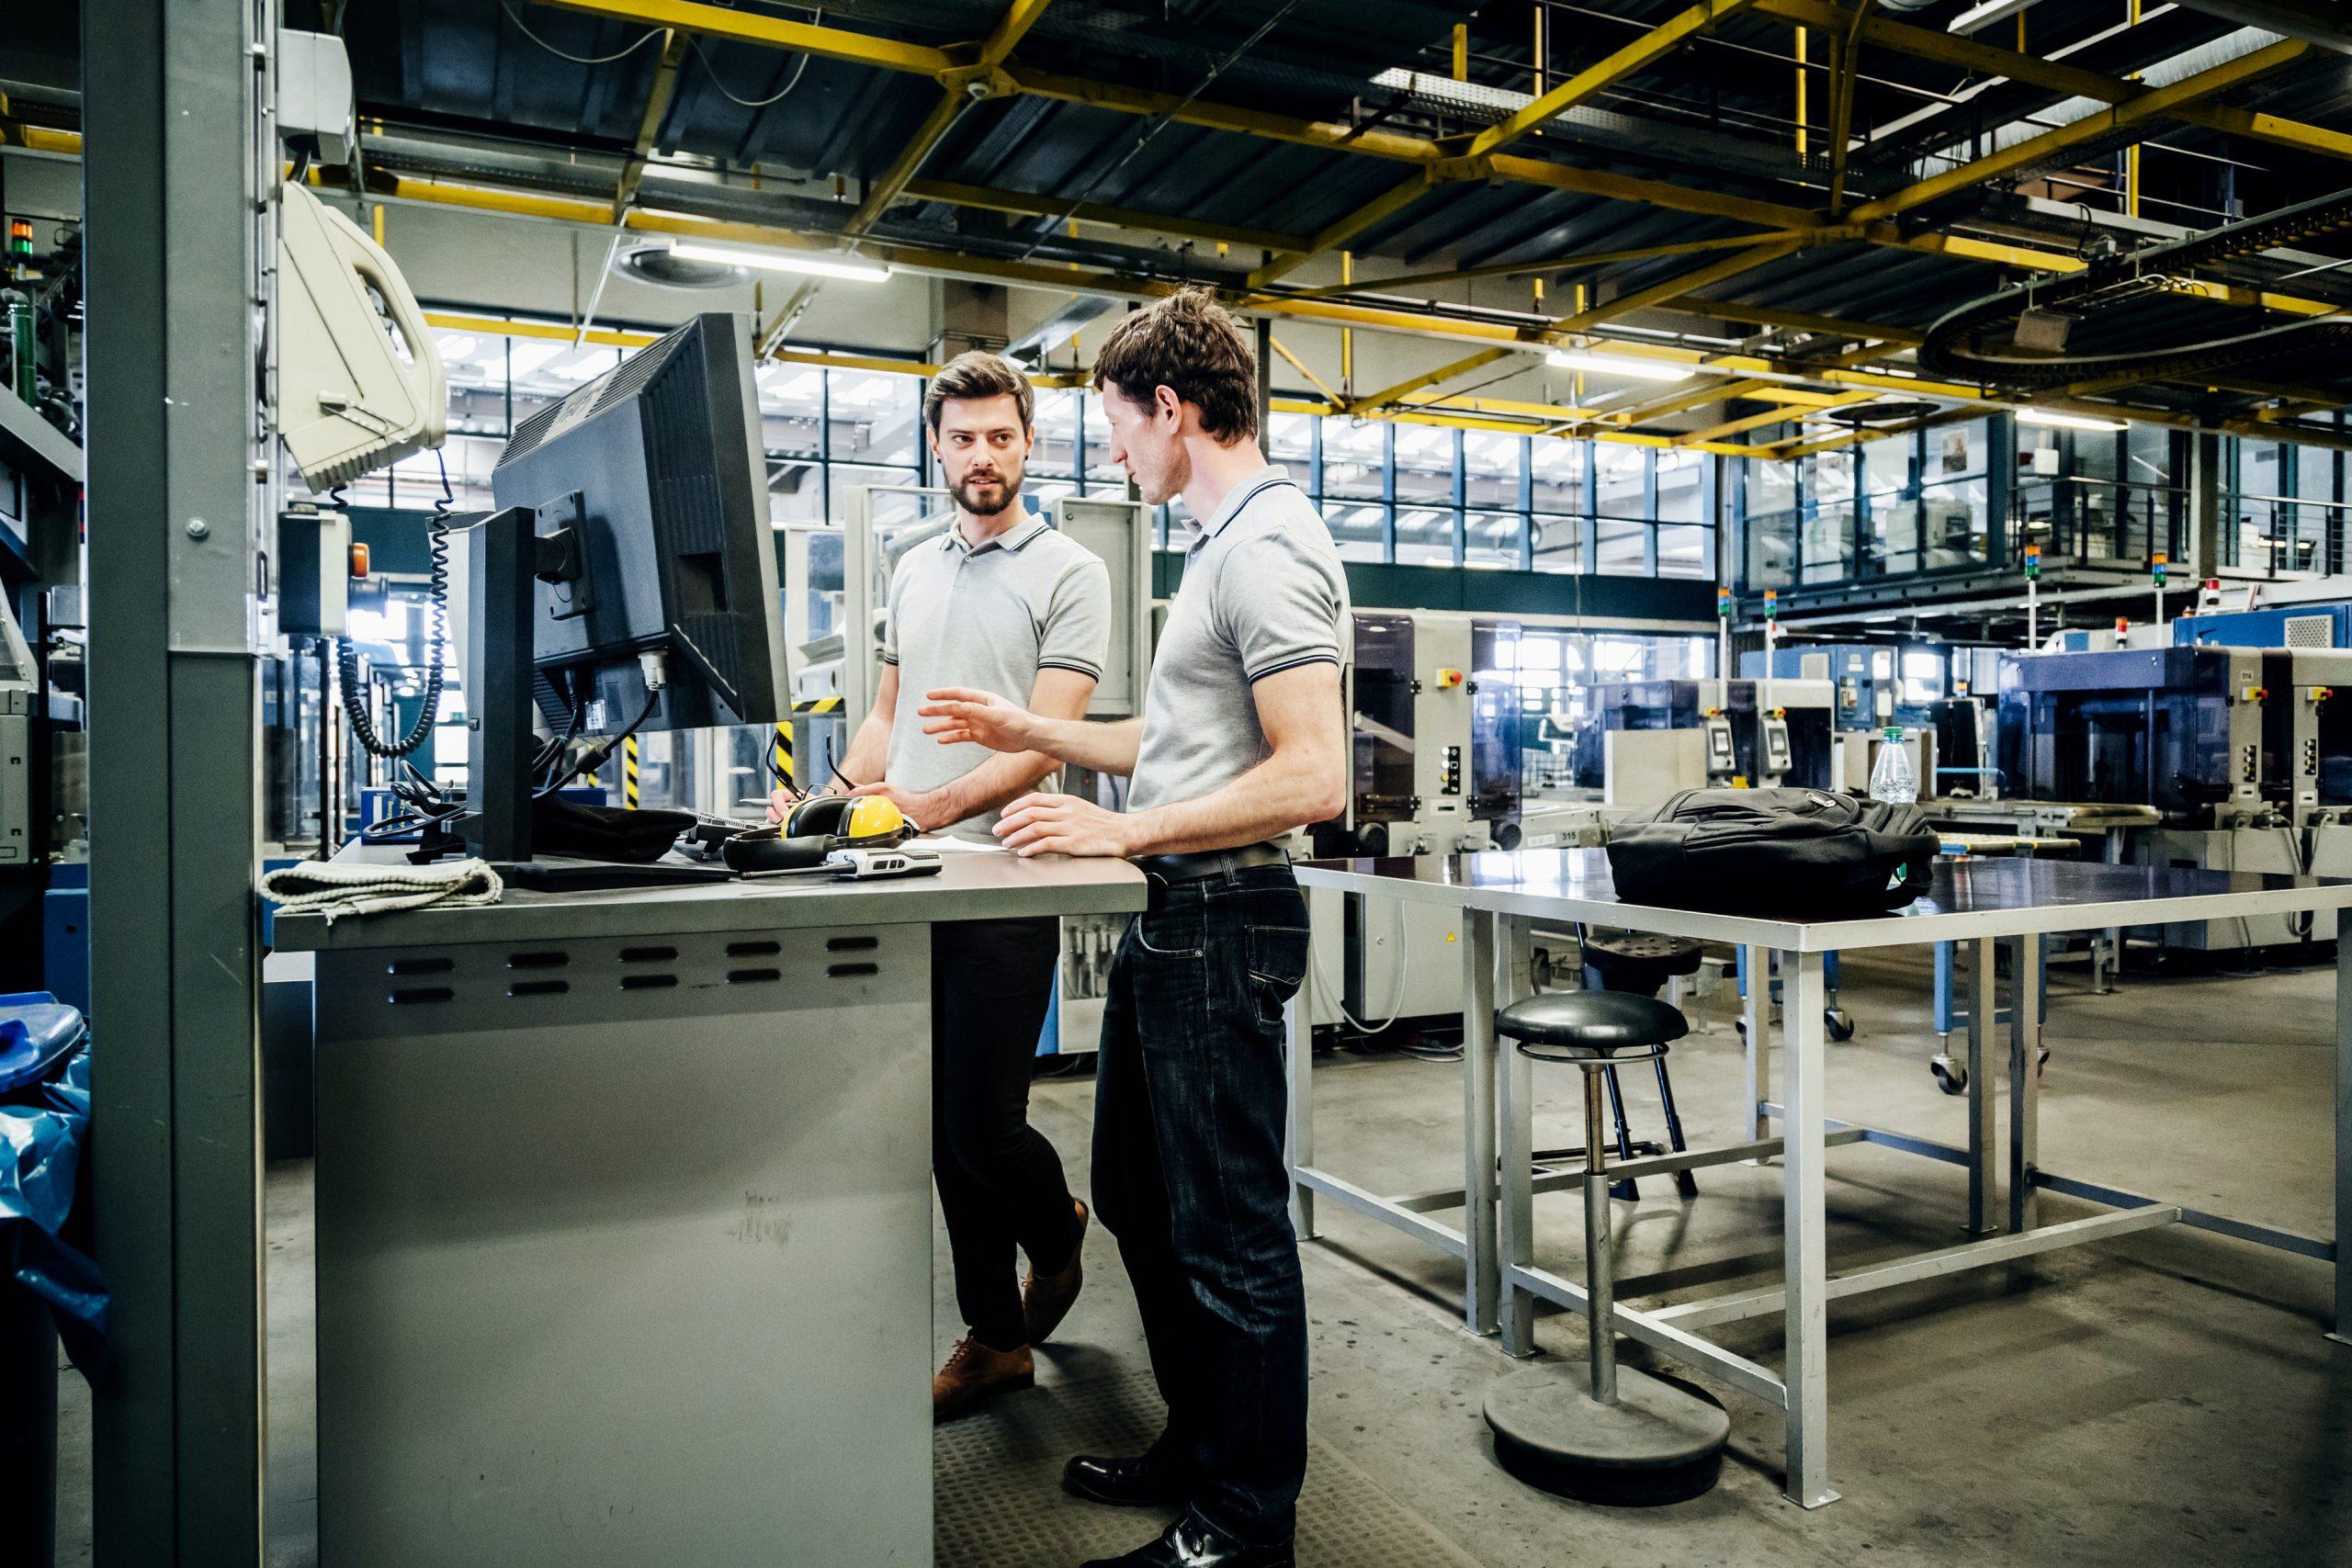 Deux collaborateurs travaillent debout devant leurs ordinateurs